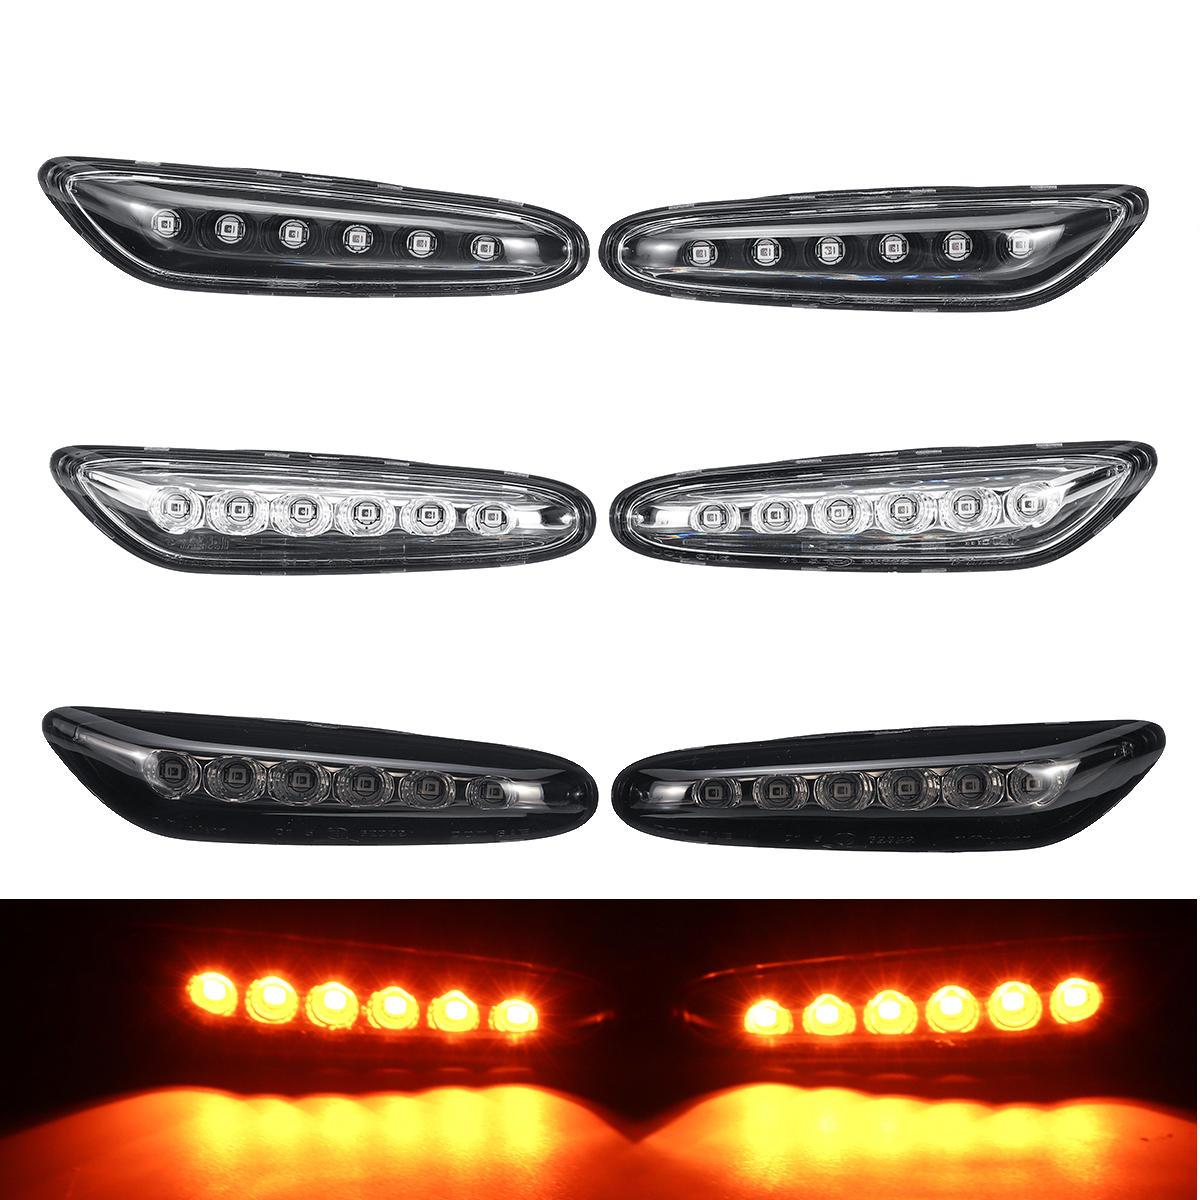 LED Seitenmarkierungs Blinker Repeater Lampen Gelb Paar für BMW E46 E60 E81 E83 E87 E90 E91